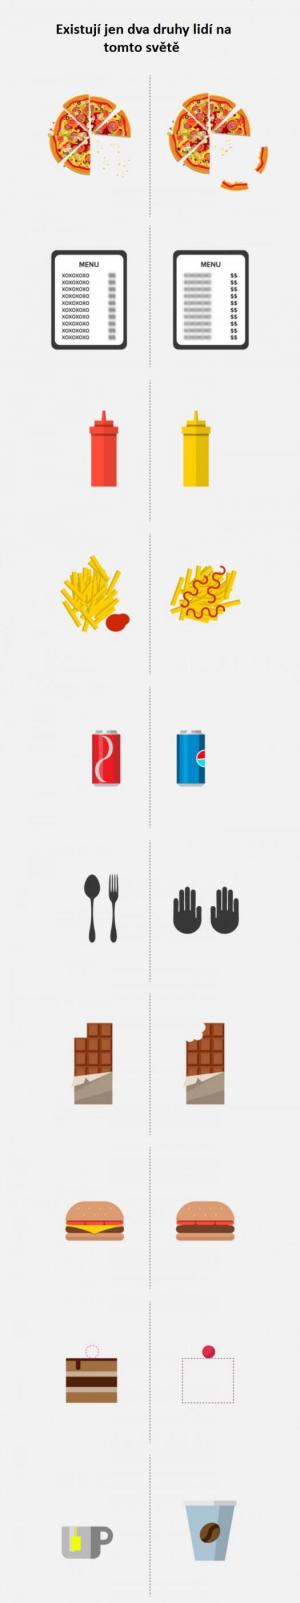 2 typy lidí